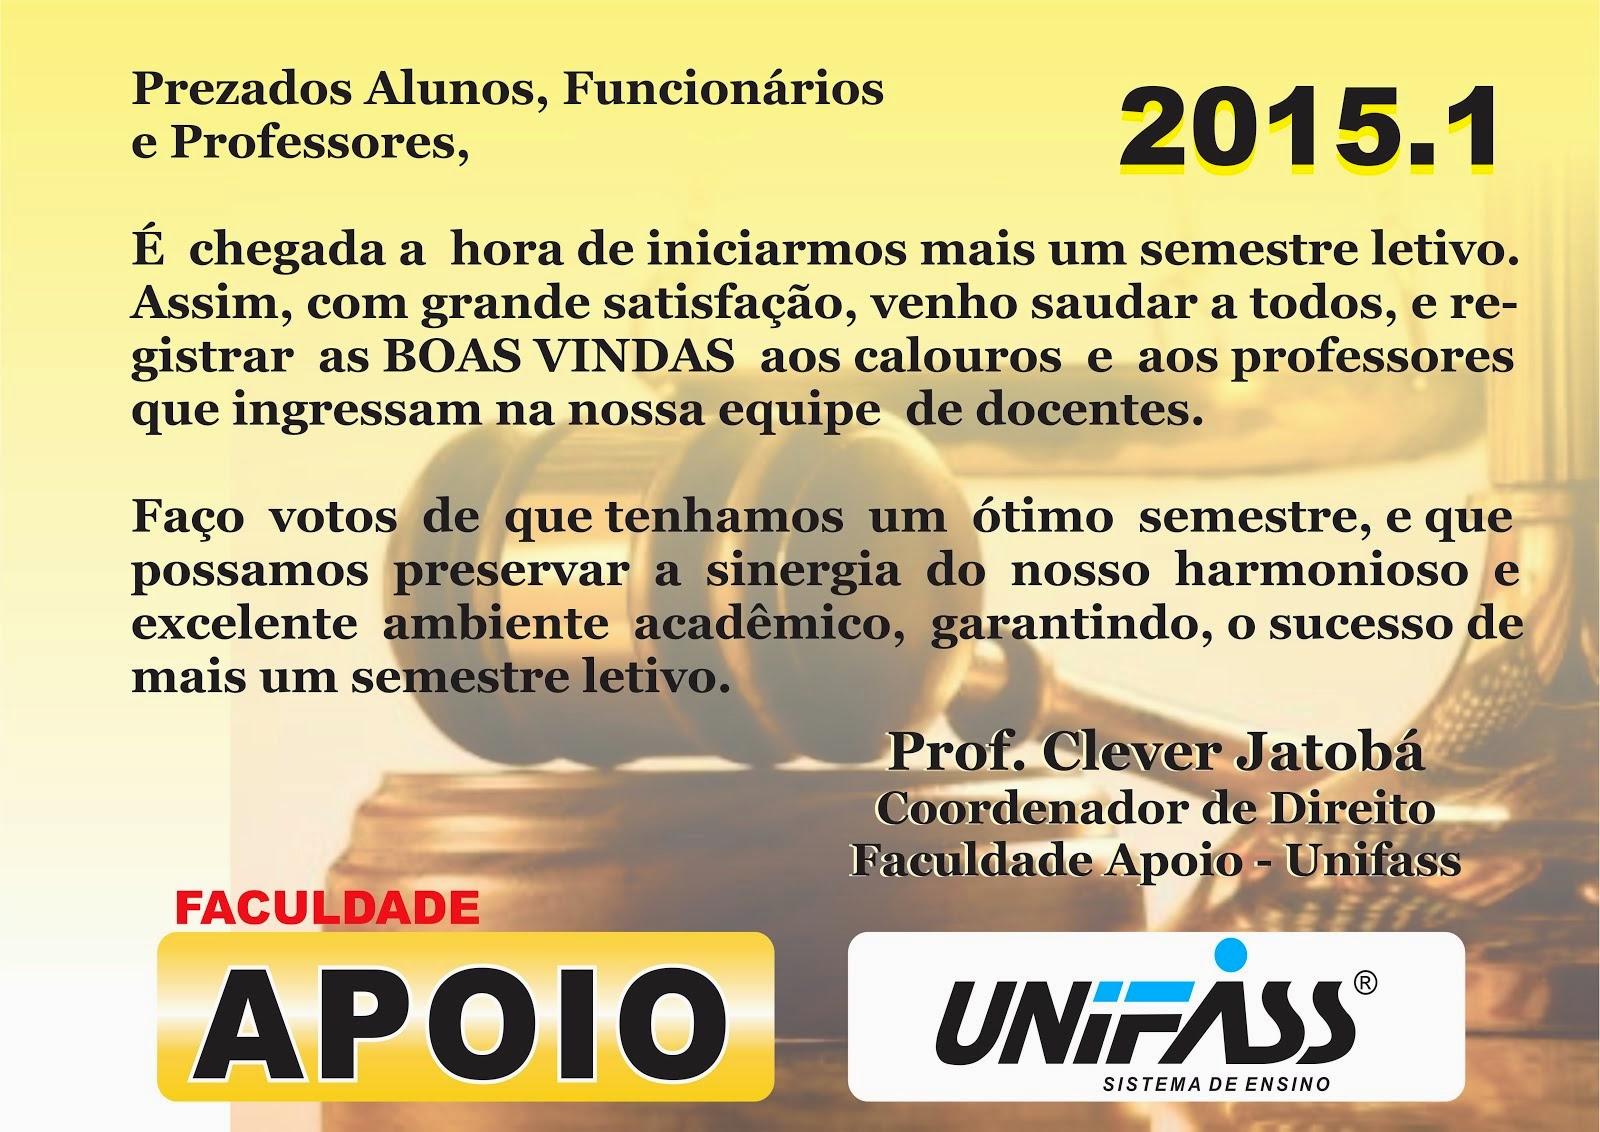 BOAS VINDAS 2015.1